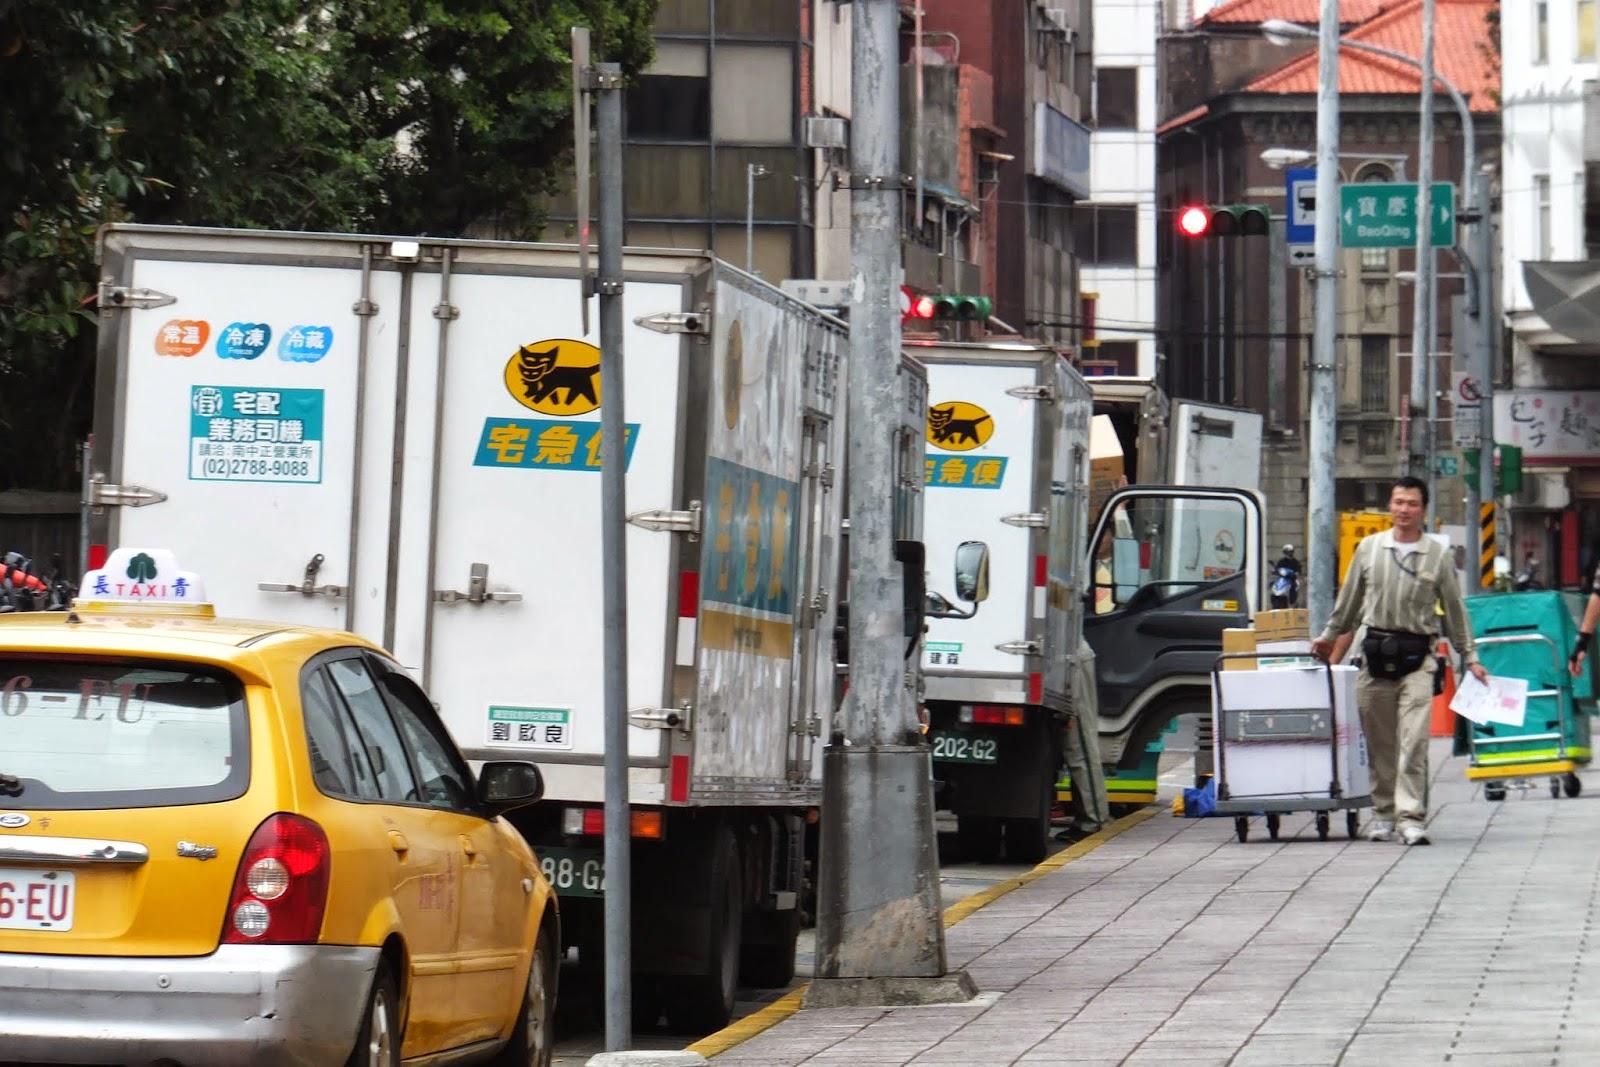 Taiwan-kuronekoyamato 台湾クロネコヤマトの宅急便